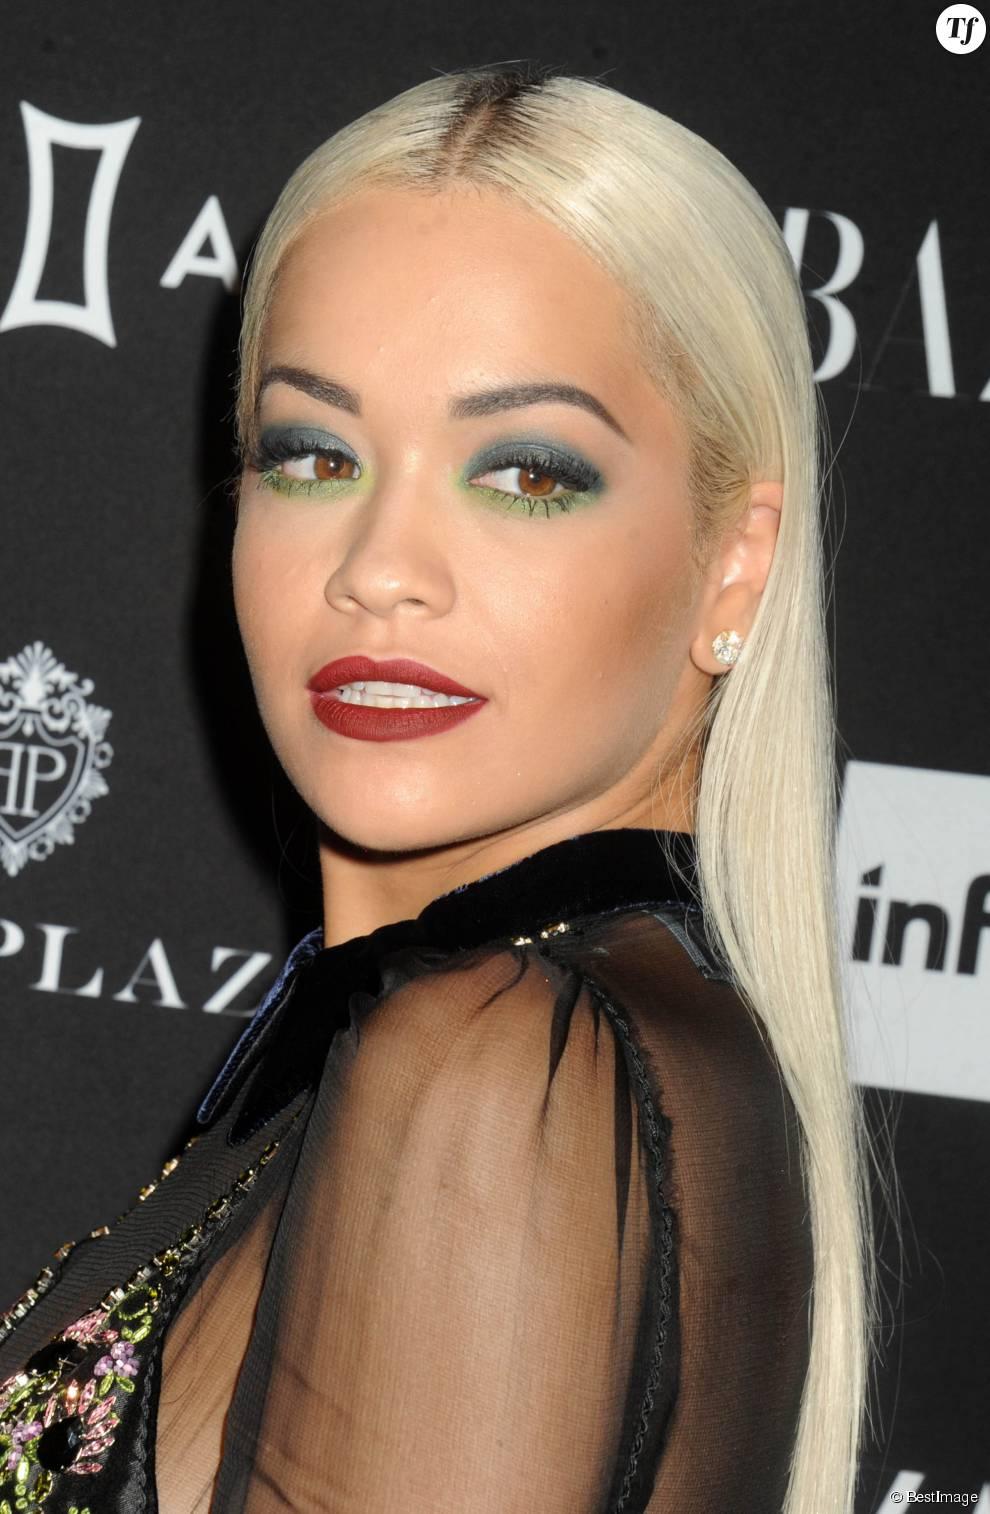 Les cheveux blancs s'associent très bien avec un maquillage chargé